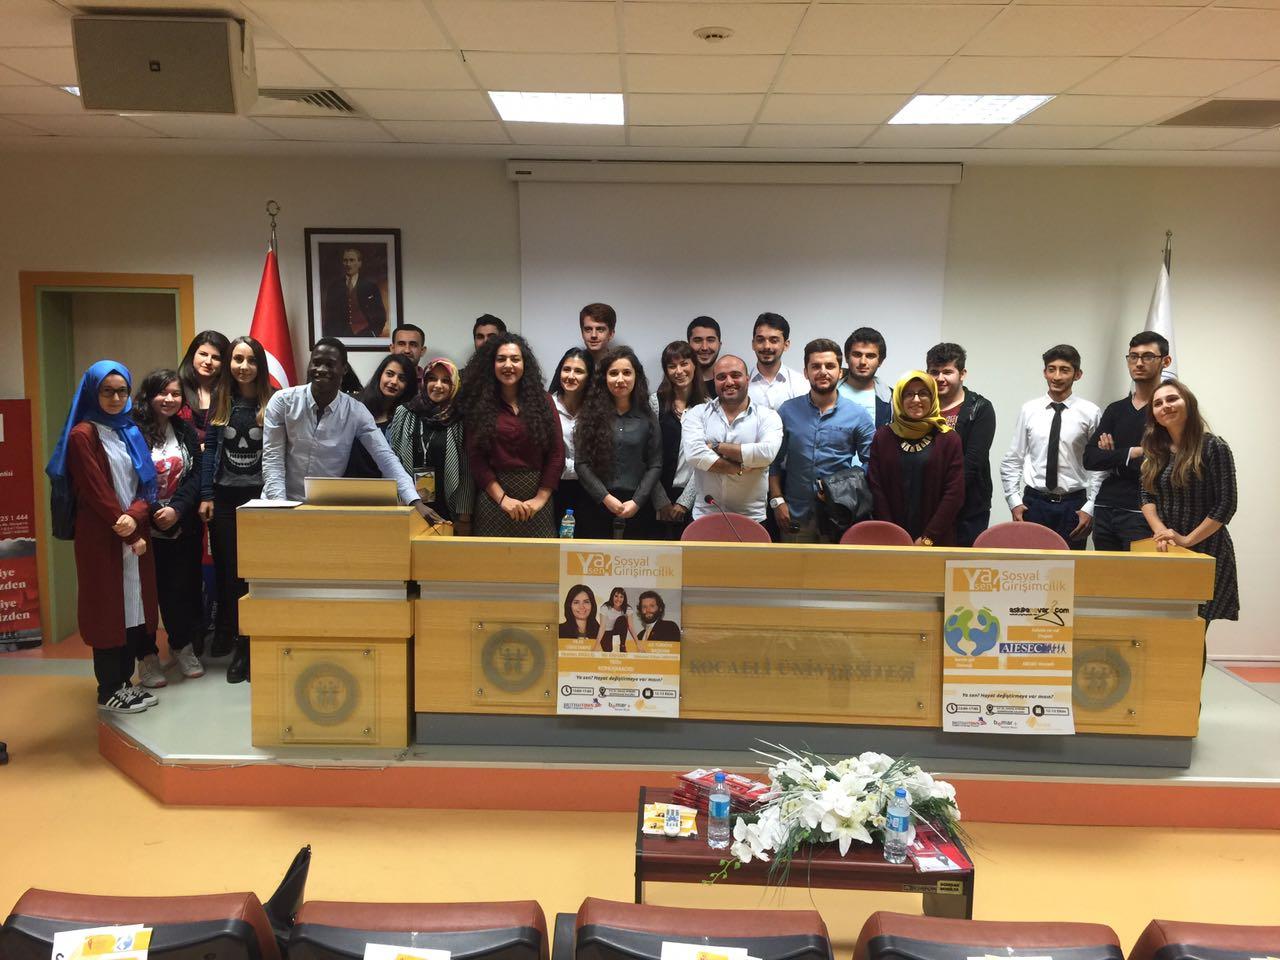 Baturay Elönü Kocaeli Üniversitesinde Yoğun ilgi Gördü